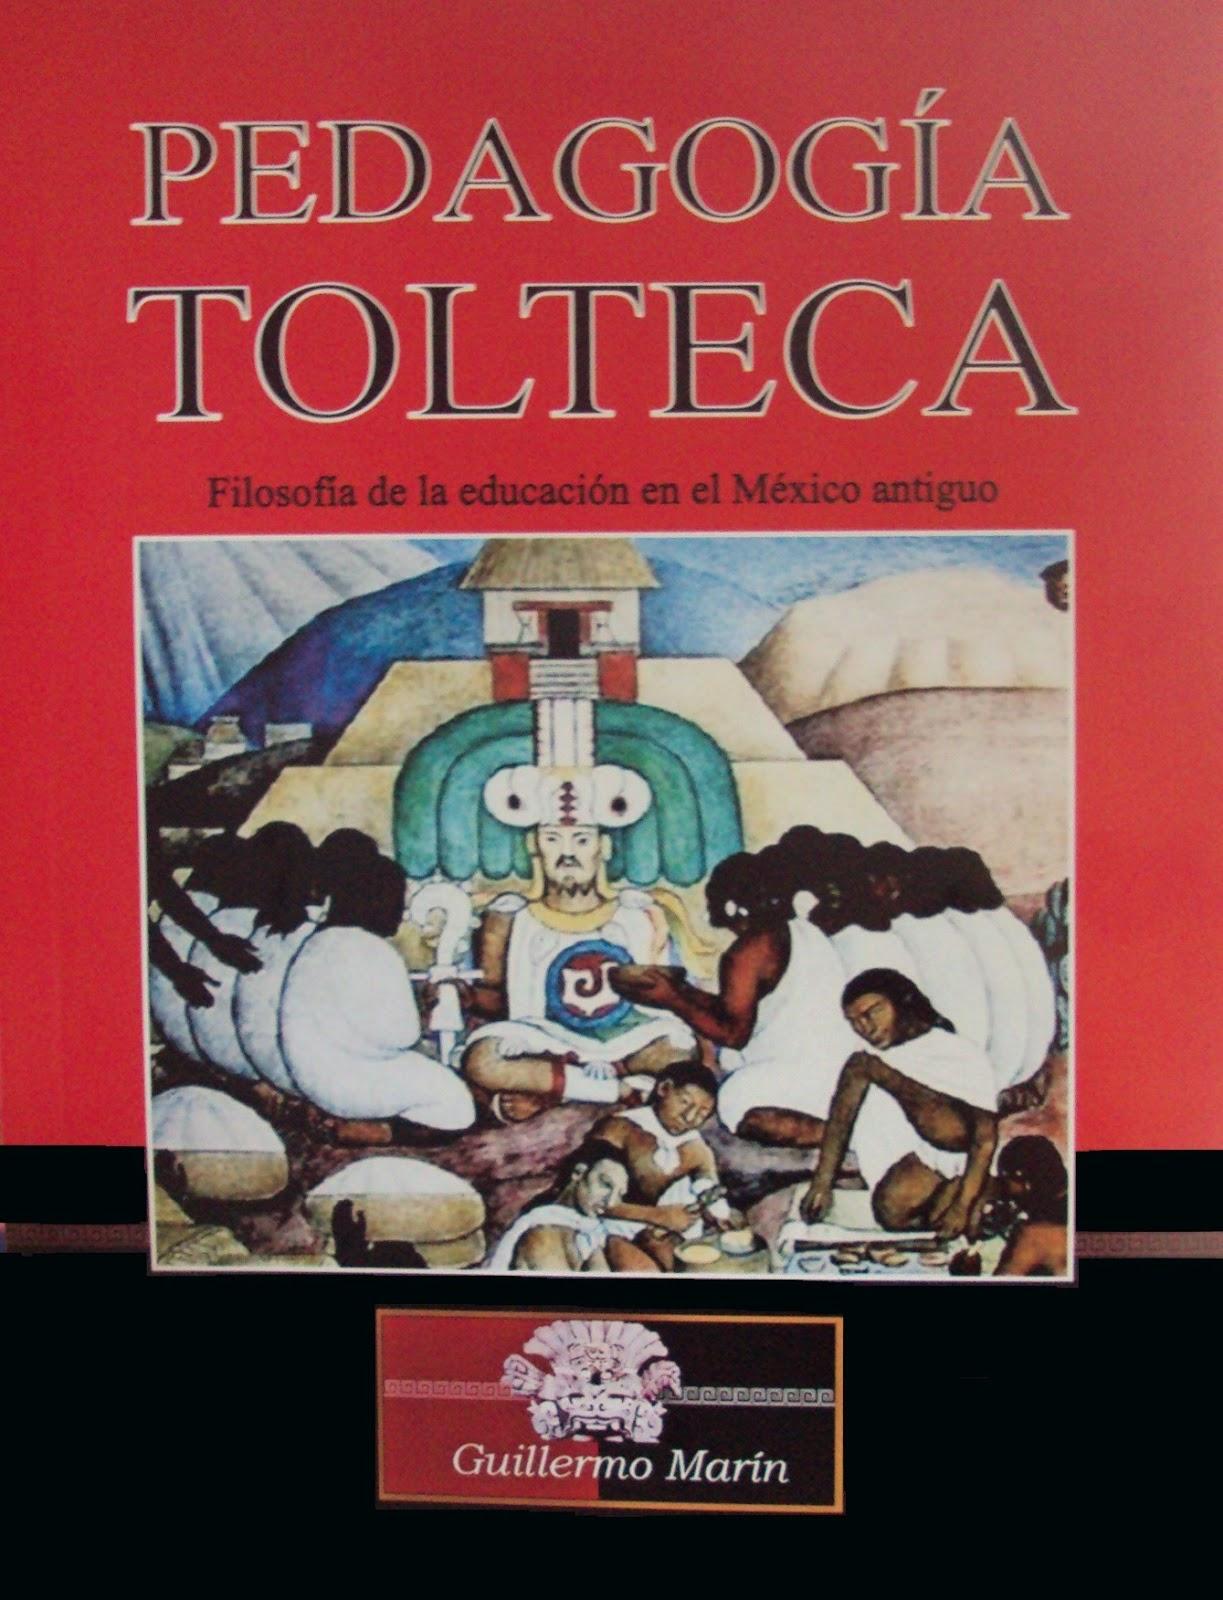 PEDAGOGÍA TOLTECA <br>filosofía de la educación en el México antiguo. Libro